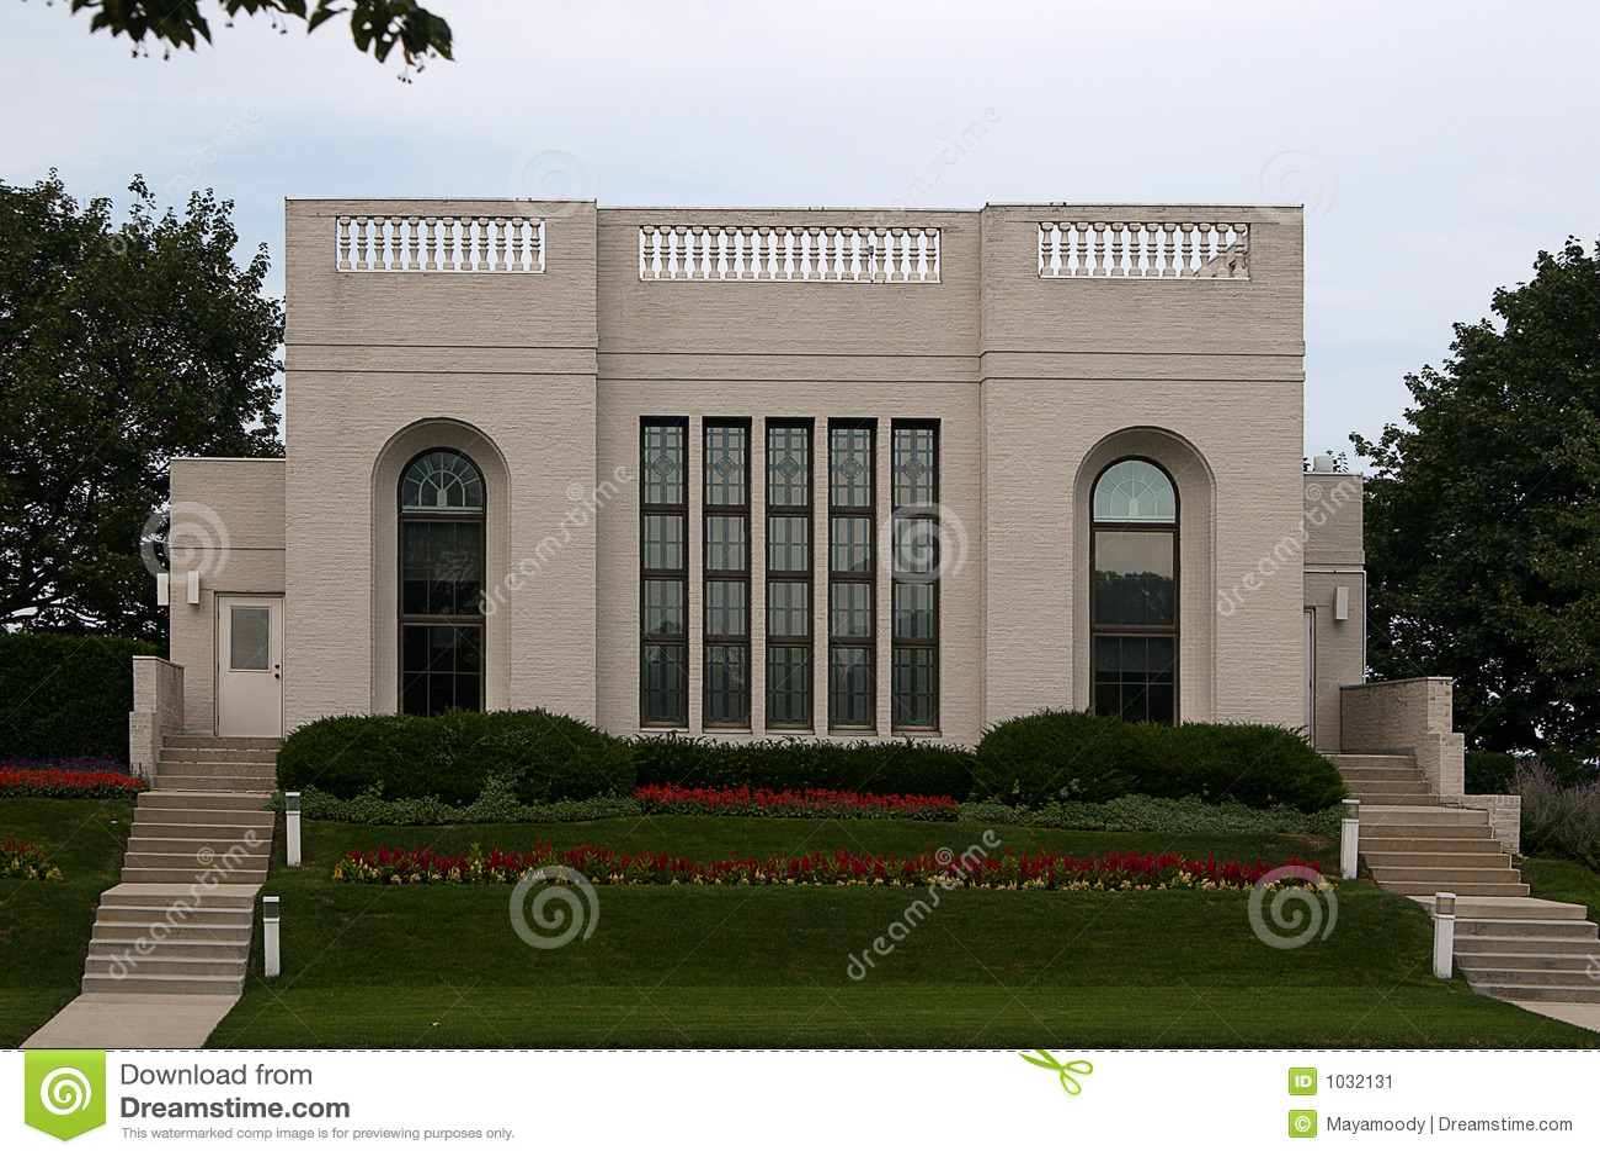 Maison moderne avec le jardin vue de face image stock for Maison moderne jardin